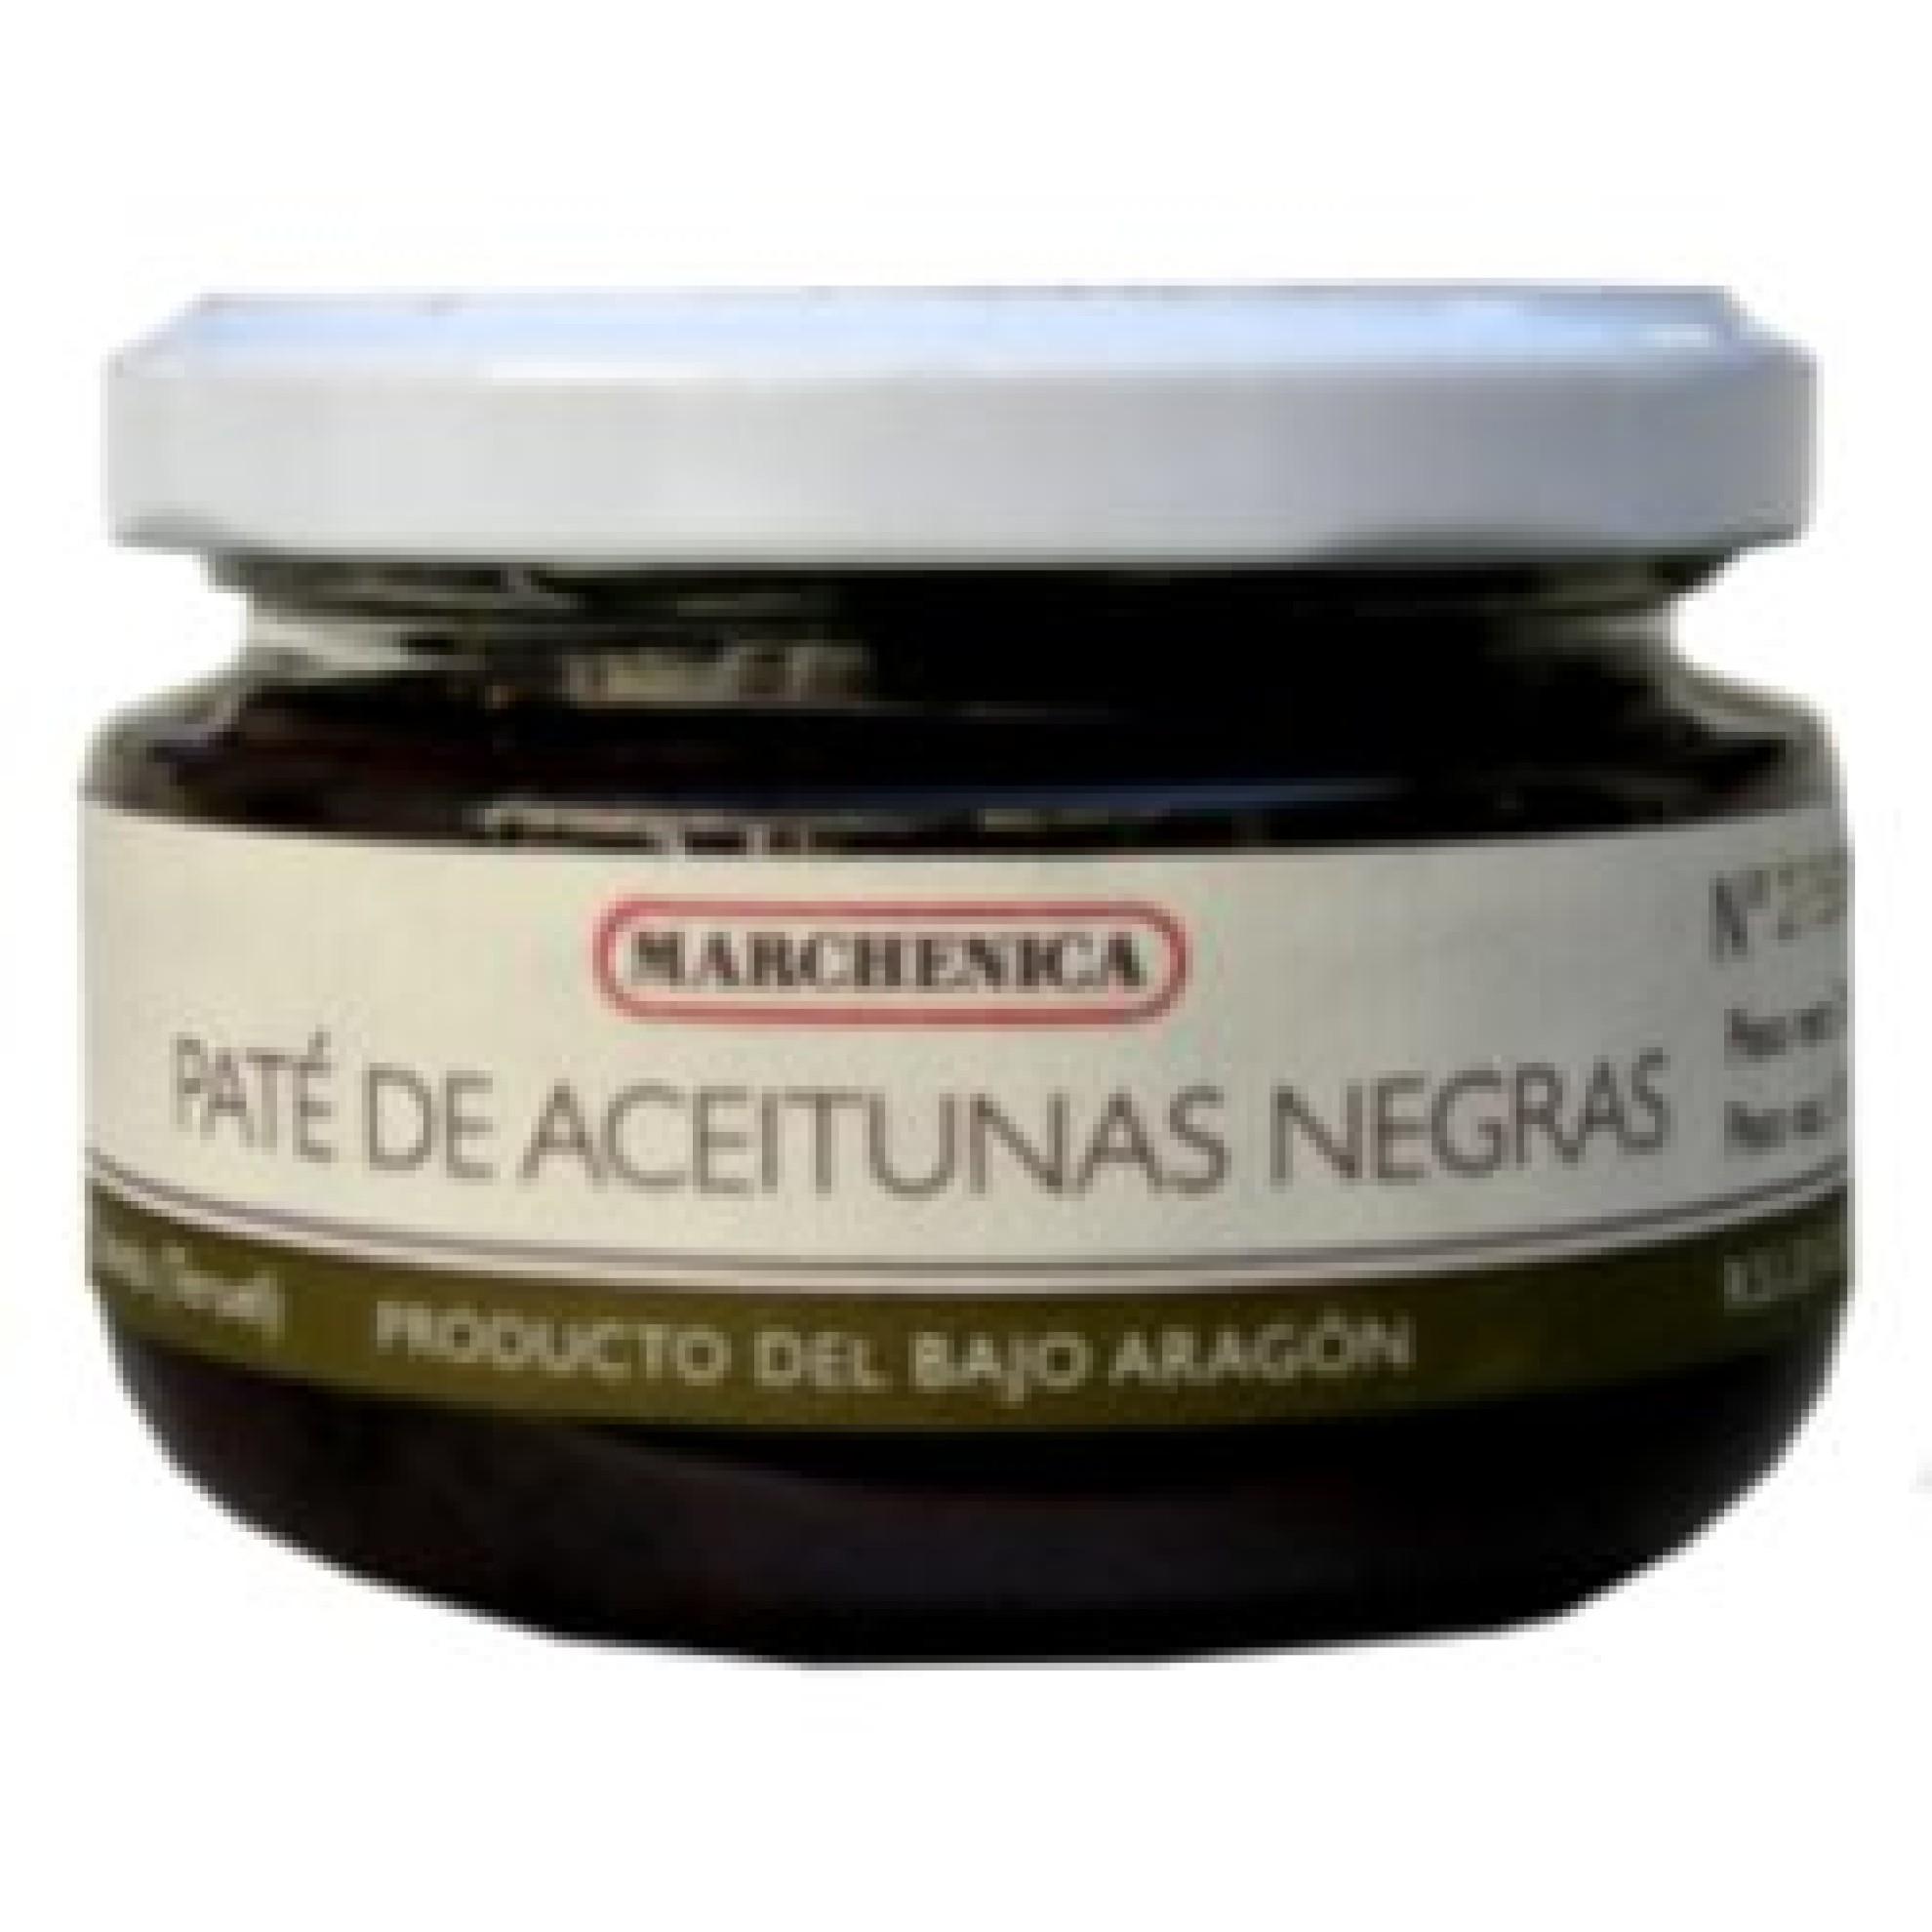 Pat de olivas negras marchenica - Pate de rebouchage placo ...